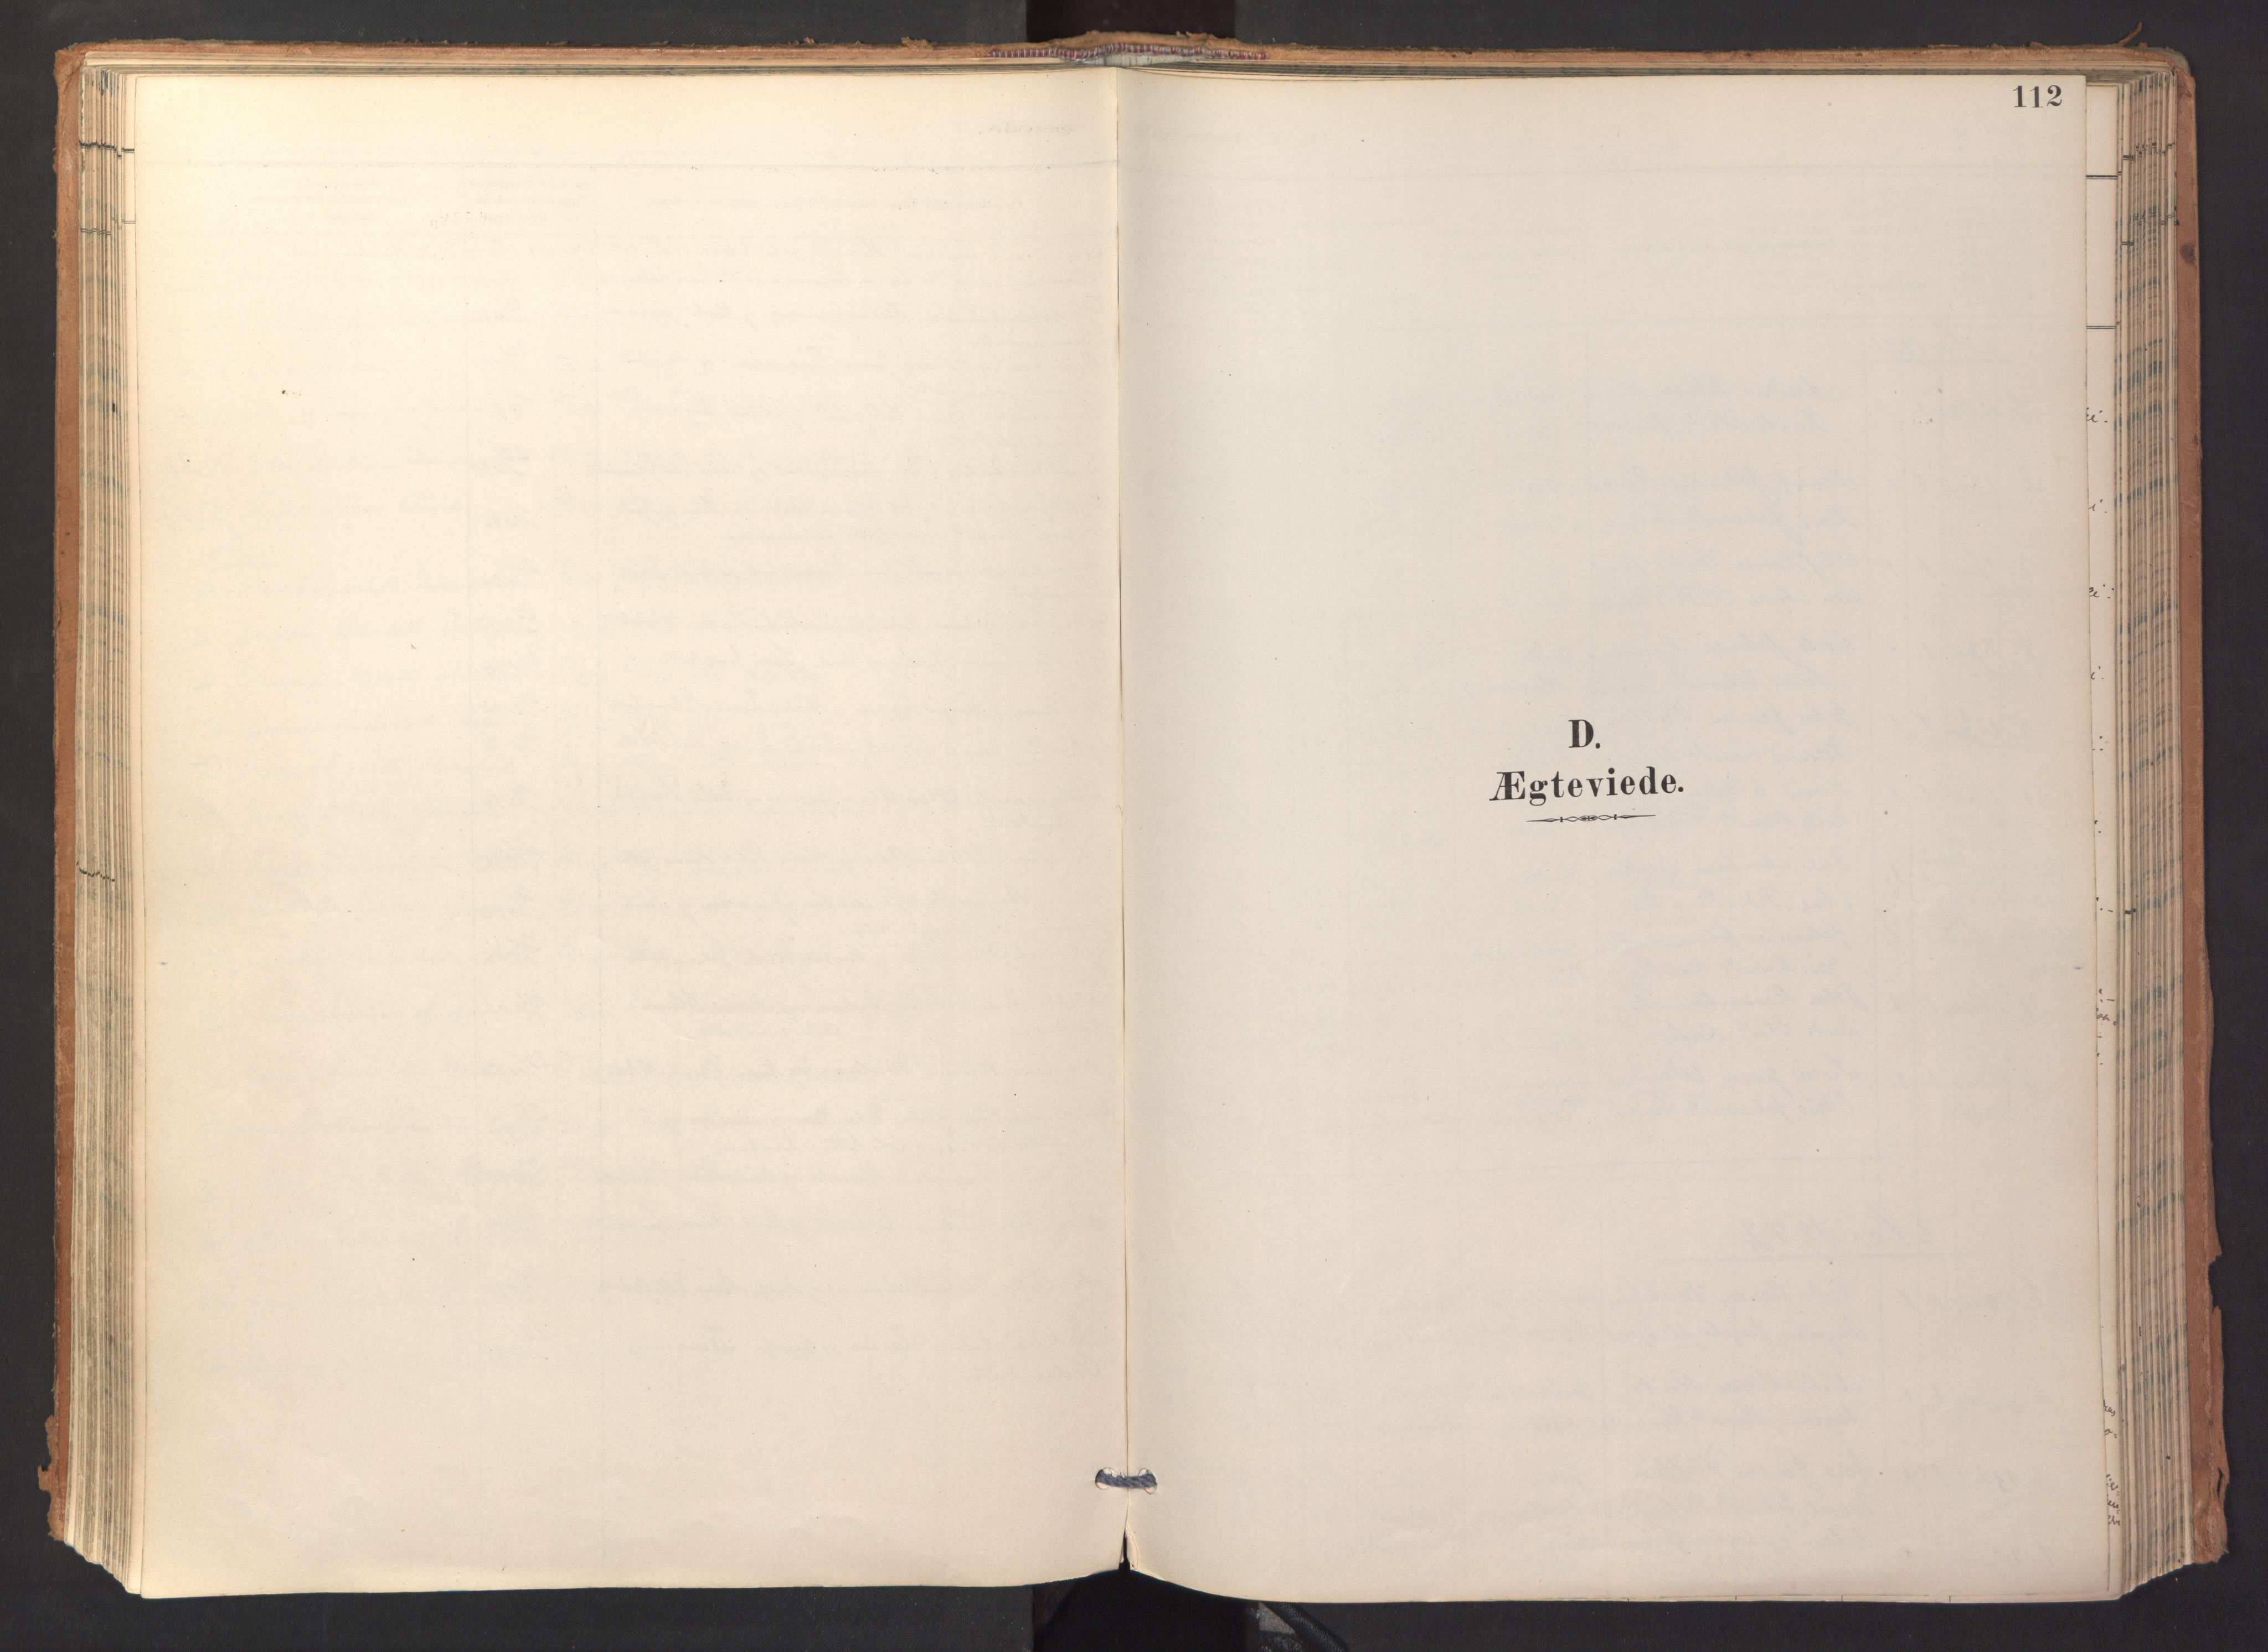 SAT, Ministerialprotokoller, klokkerbøker og fødselsregistre - Sør-Trøndelag, 688/L1025: Ministerialbok nr. 688A02, 1891-1909, s. 112